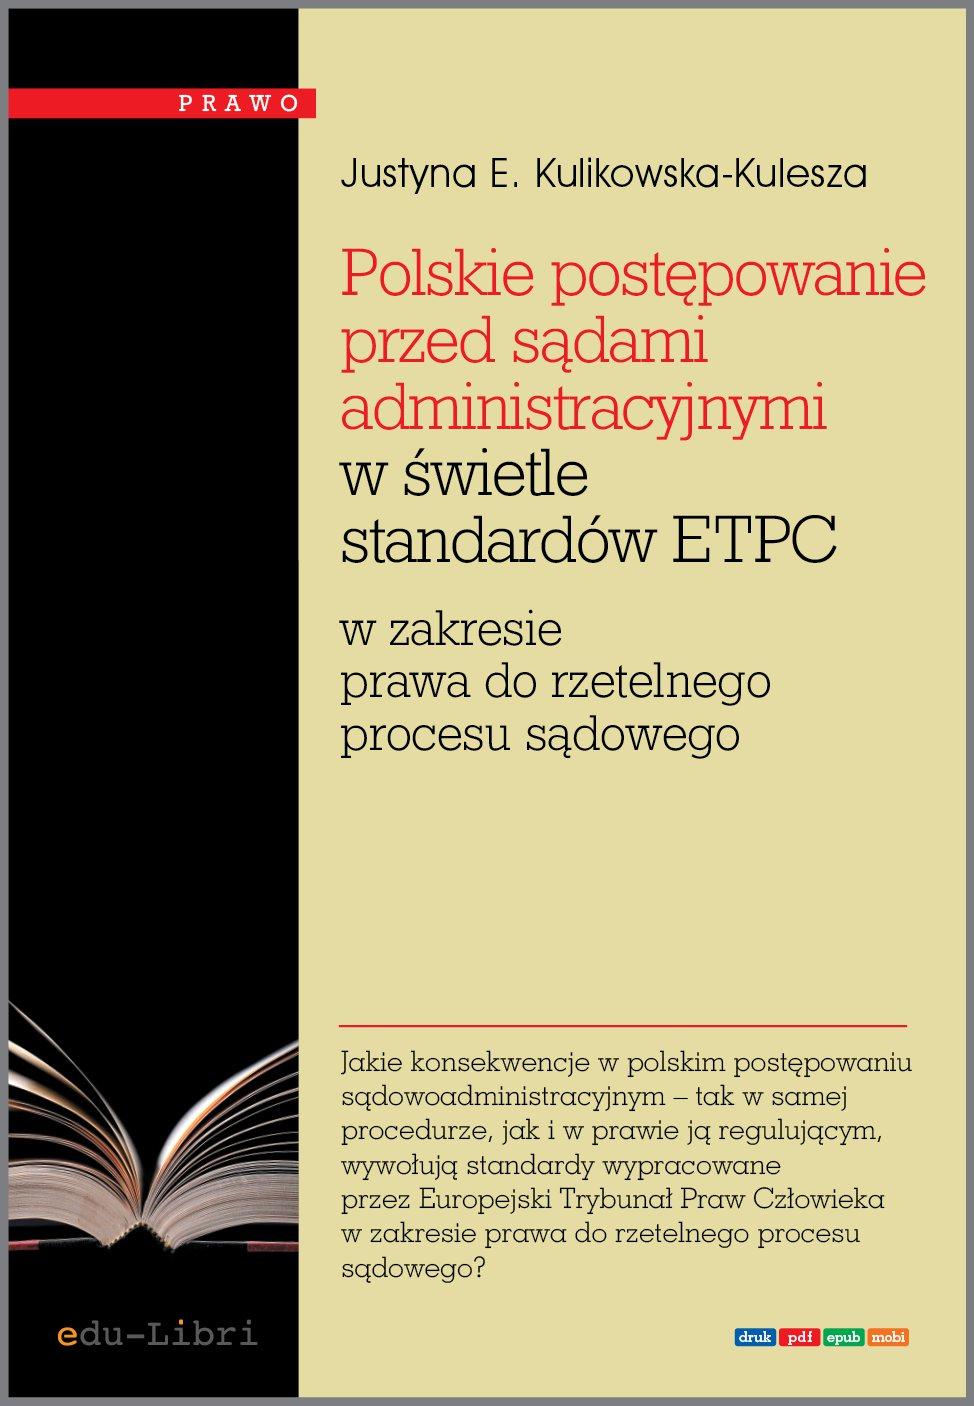 Polskie postępowanie przed sądami administracyjnymi w świetle standardów ETPC w zakresie prawa do rzetelnego procesu sądowego - Ebook (Książka PDF) do pobrania w formacie PDF